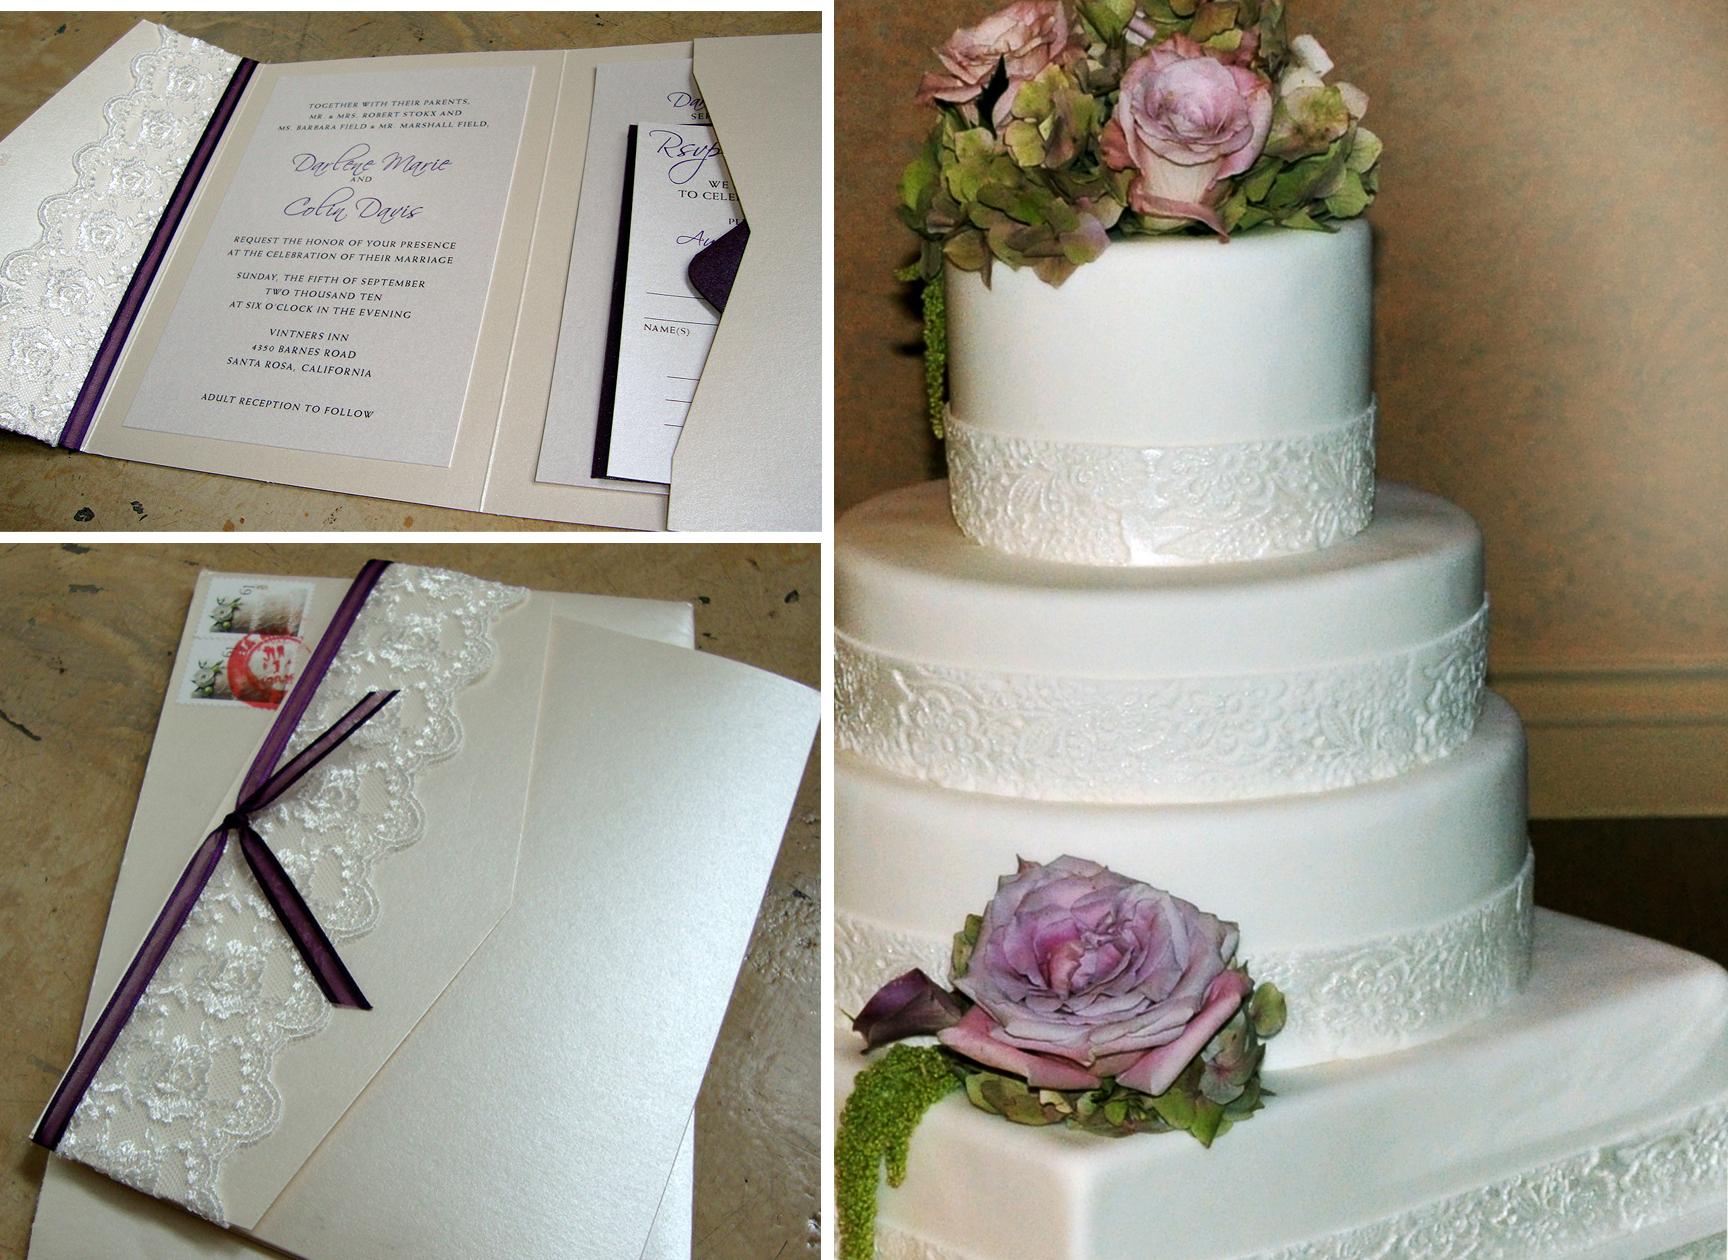 wedding cakes – papercake designs